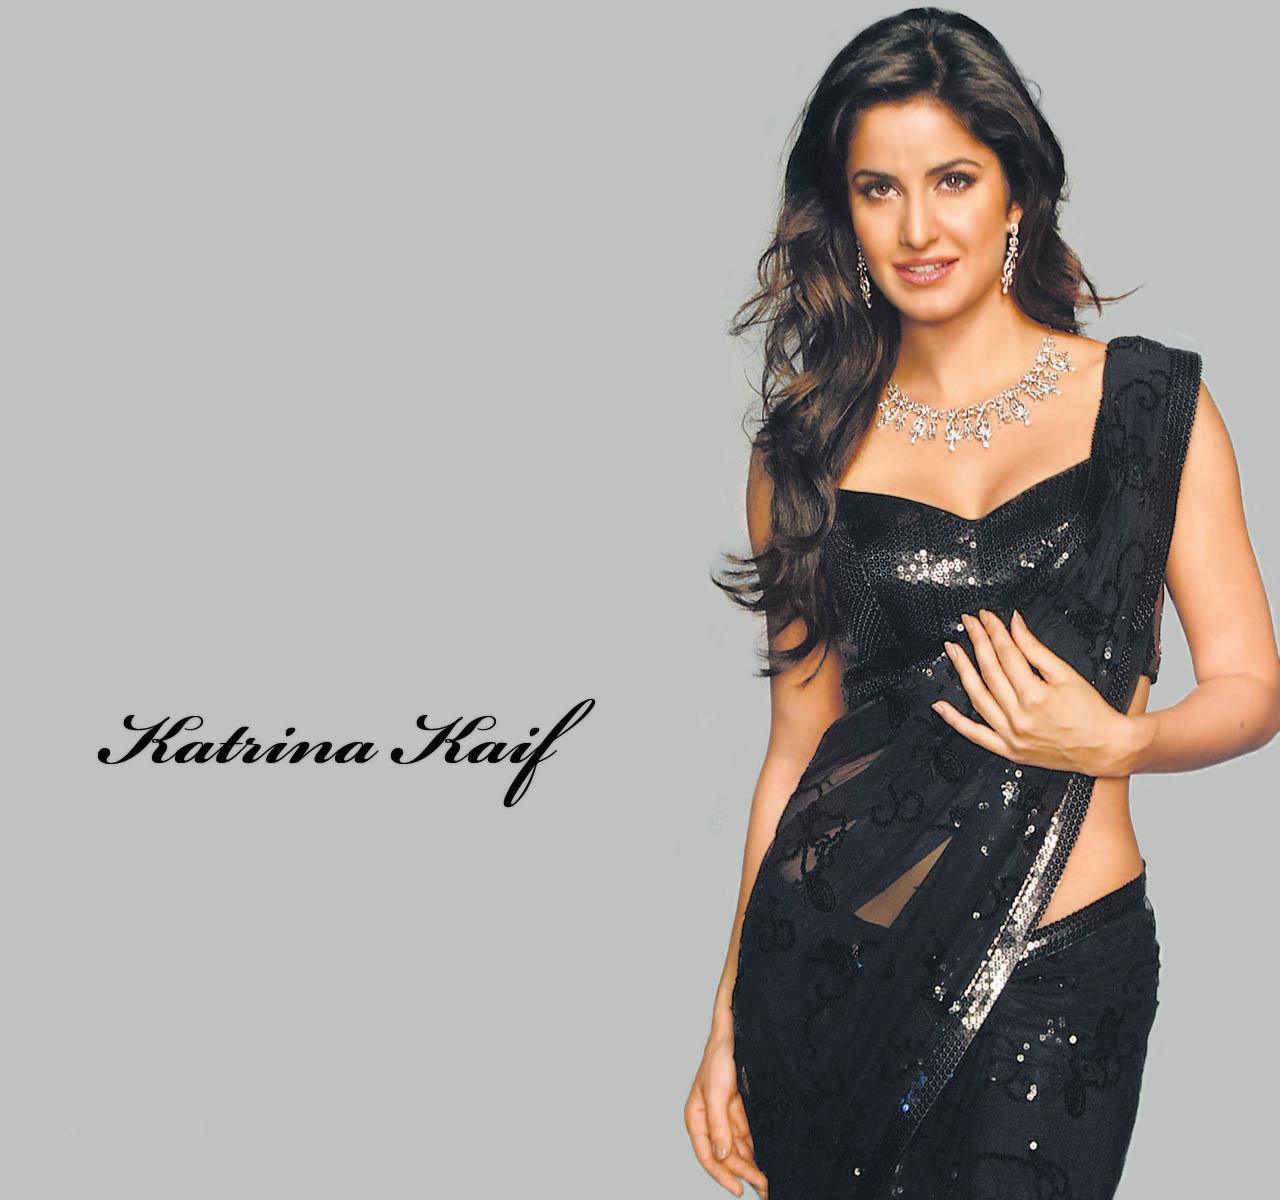 Katrina Kaif - celebrity Wallpapers: Katrina Kaif ...